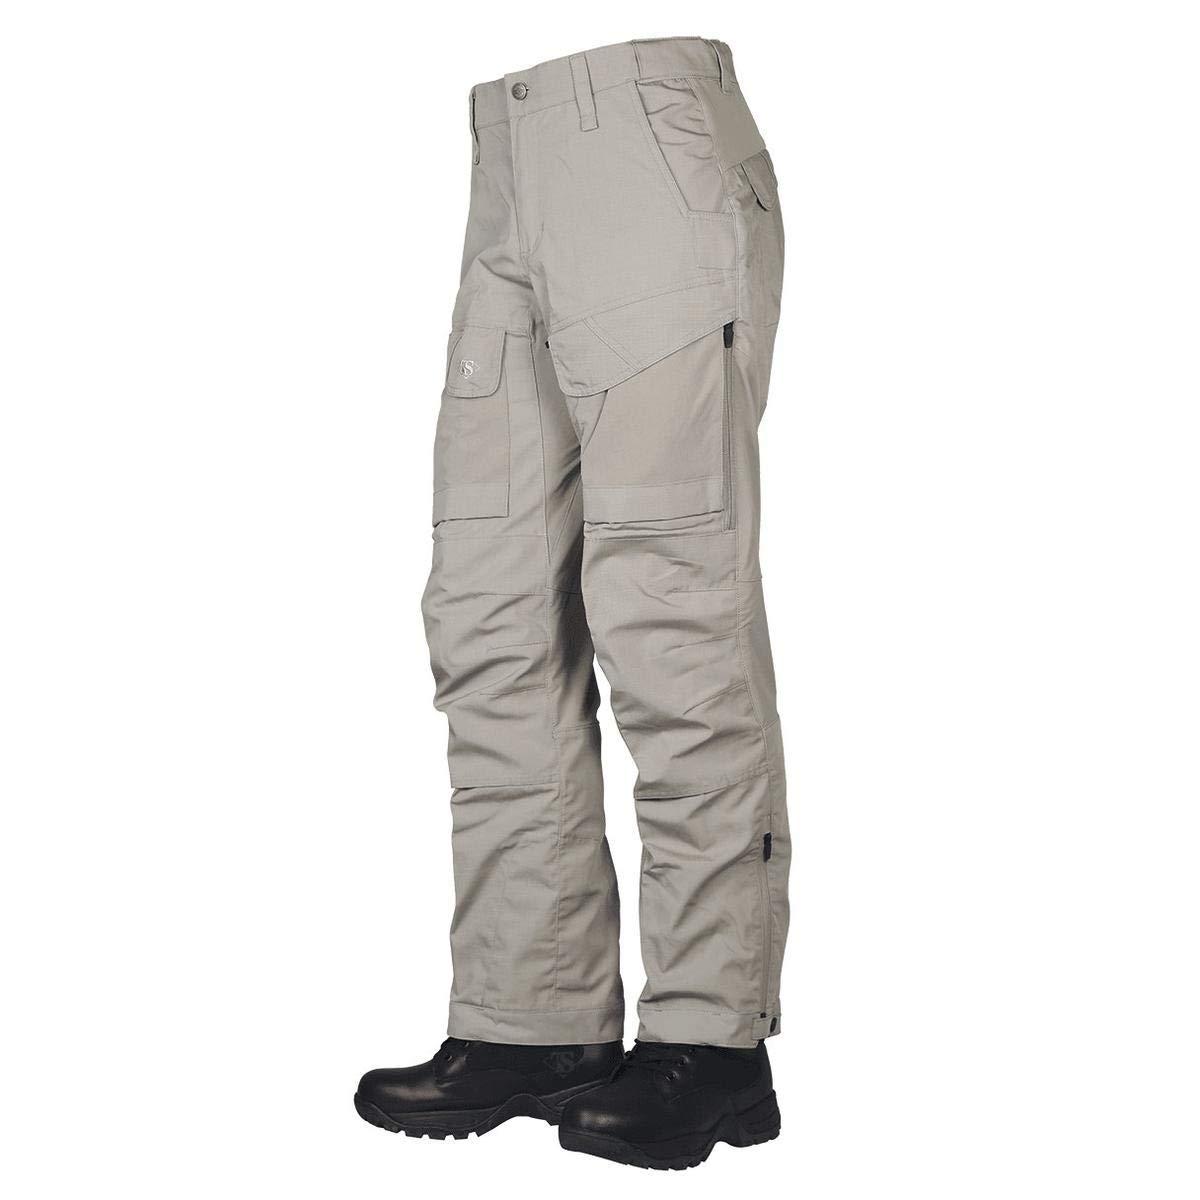 Kaki 36 W x 36 L Tru Pantalon de Spec 24–7 Series xpedi Tion